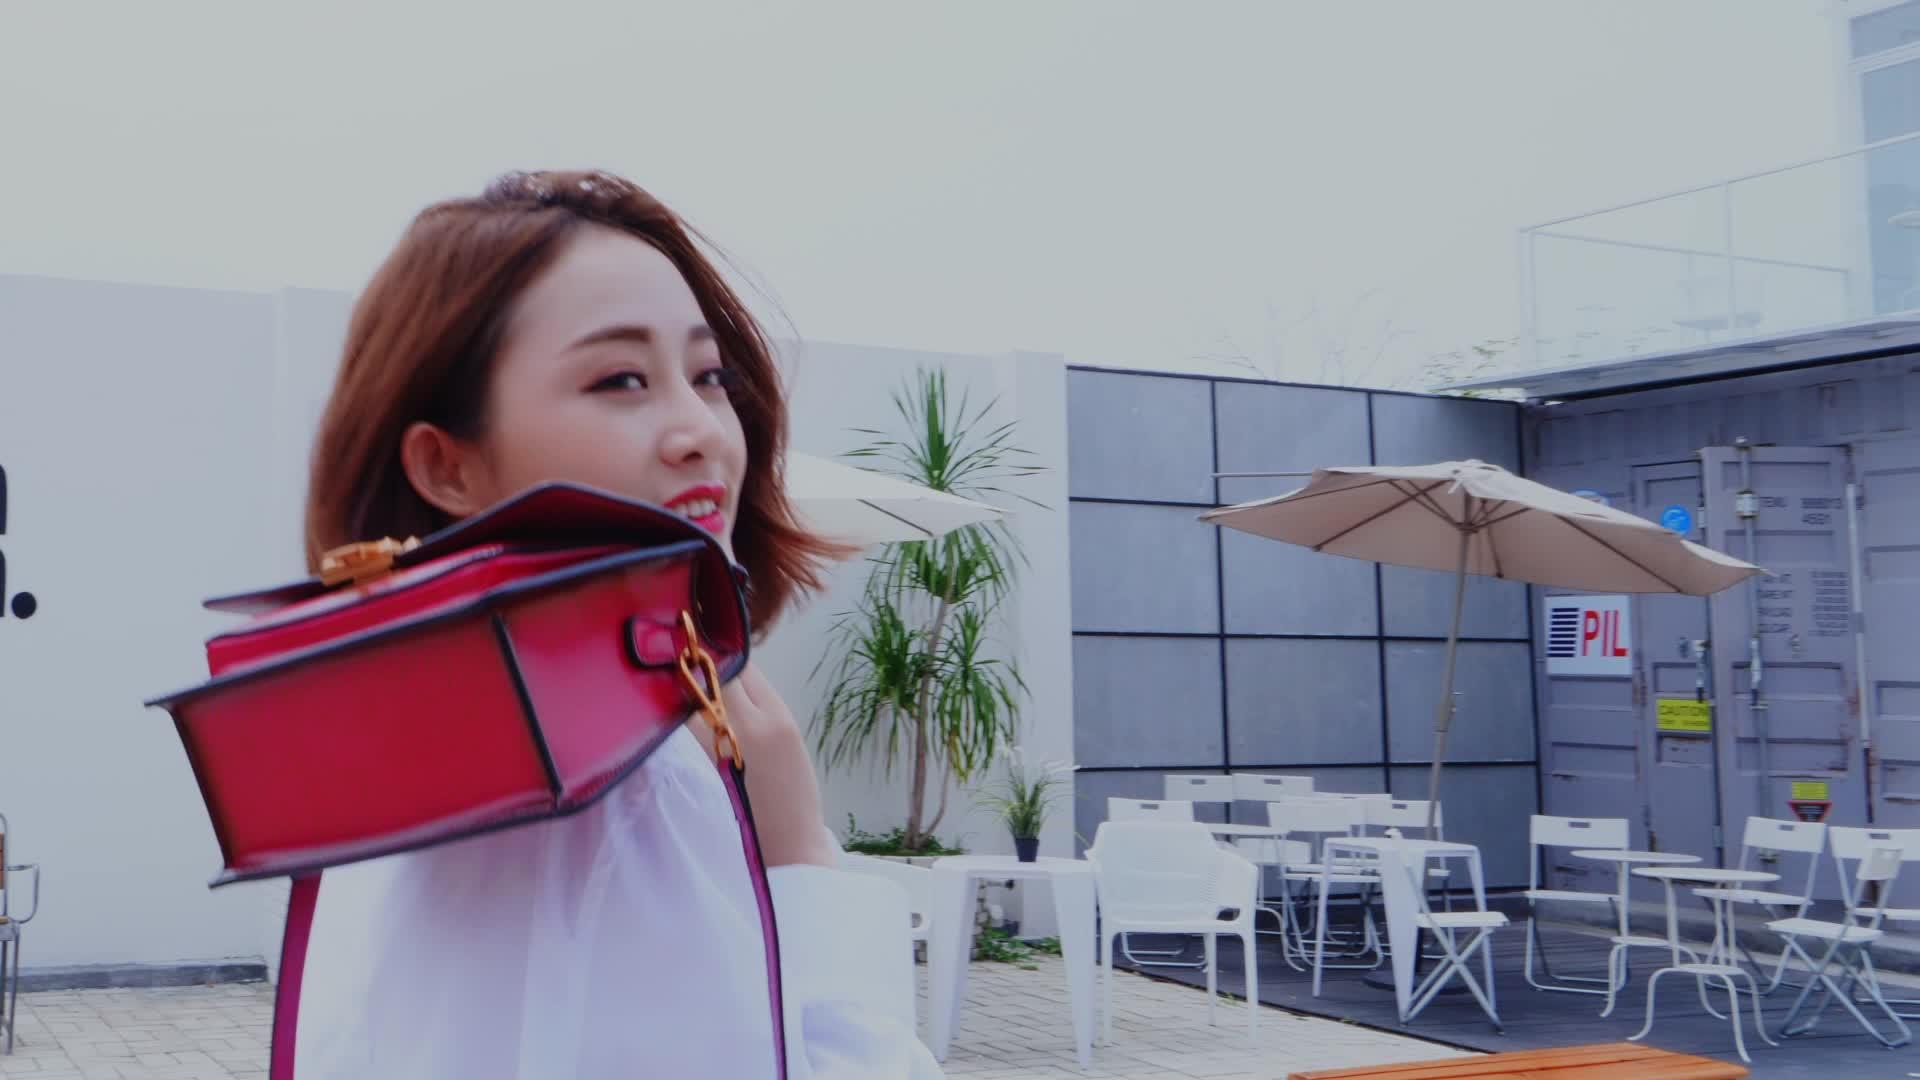 Cinese fornitori del sacchetto di cuoio dello zaino delle donne due-strato di pelle bovina borsa quadrato orizzontale obliquo borse di copertura della cinghia delle donne 2019